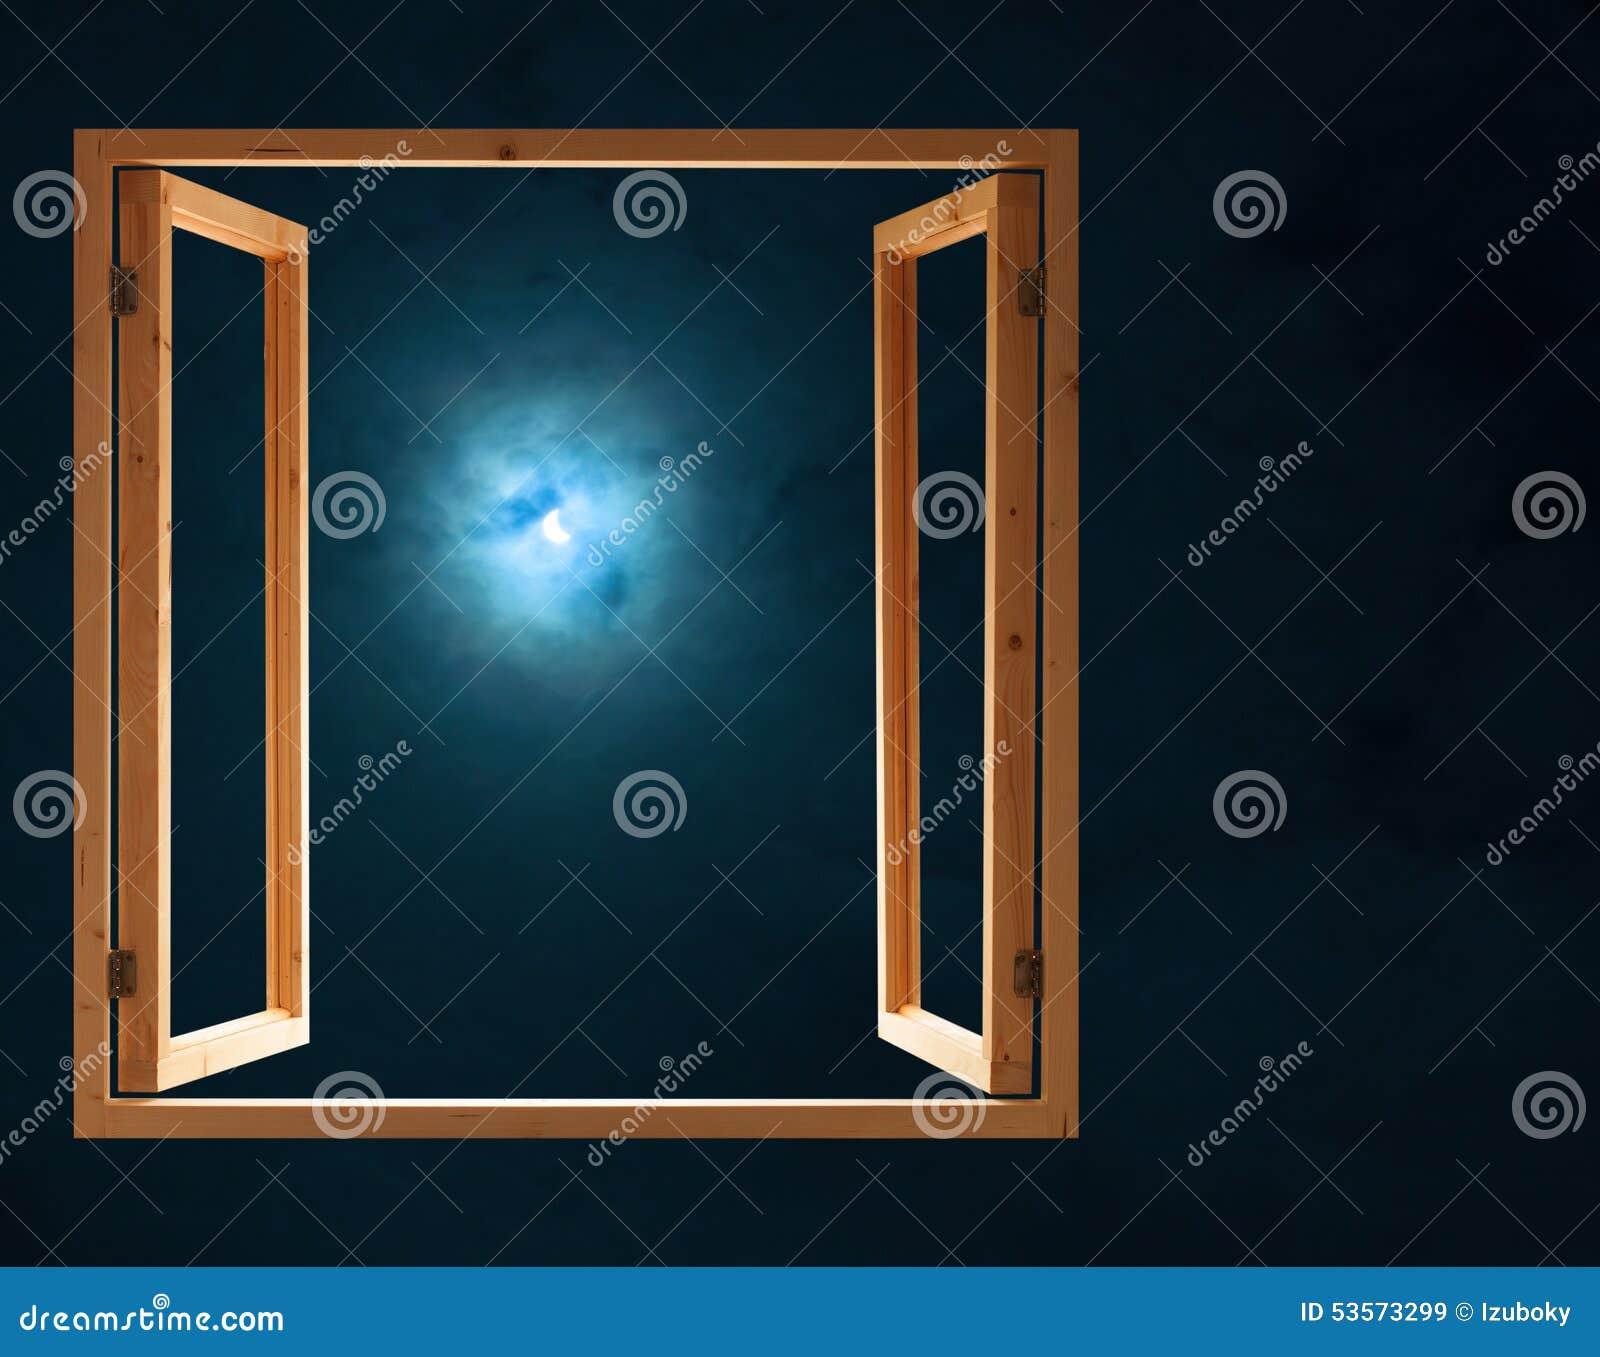 Open Window At Dusk: Window Open Dark Night Half Moon Light Stock Photo